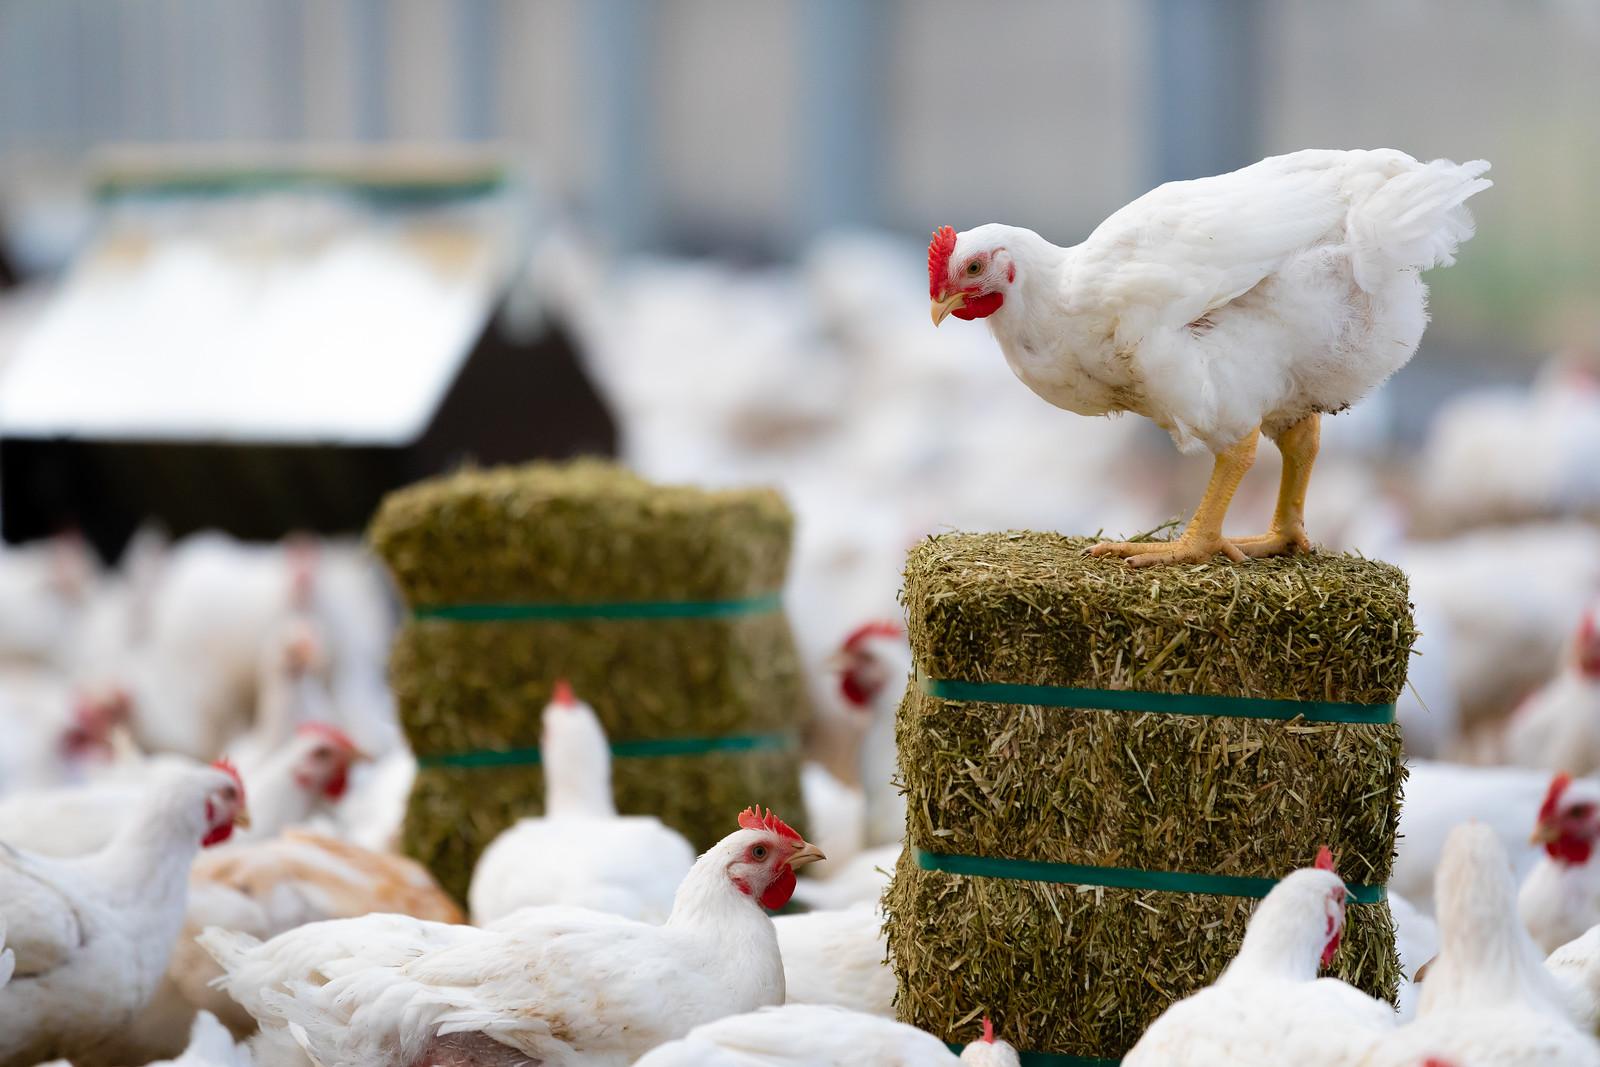 Hoe blijven de kippen koel?